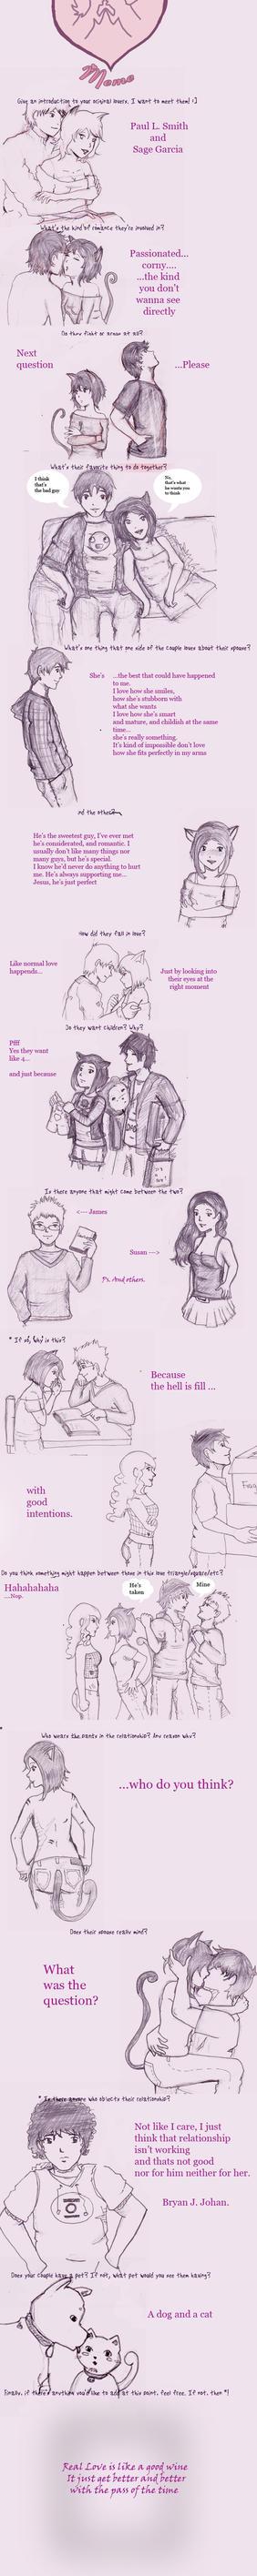 Page romantic meme by RachelLevitte